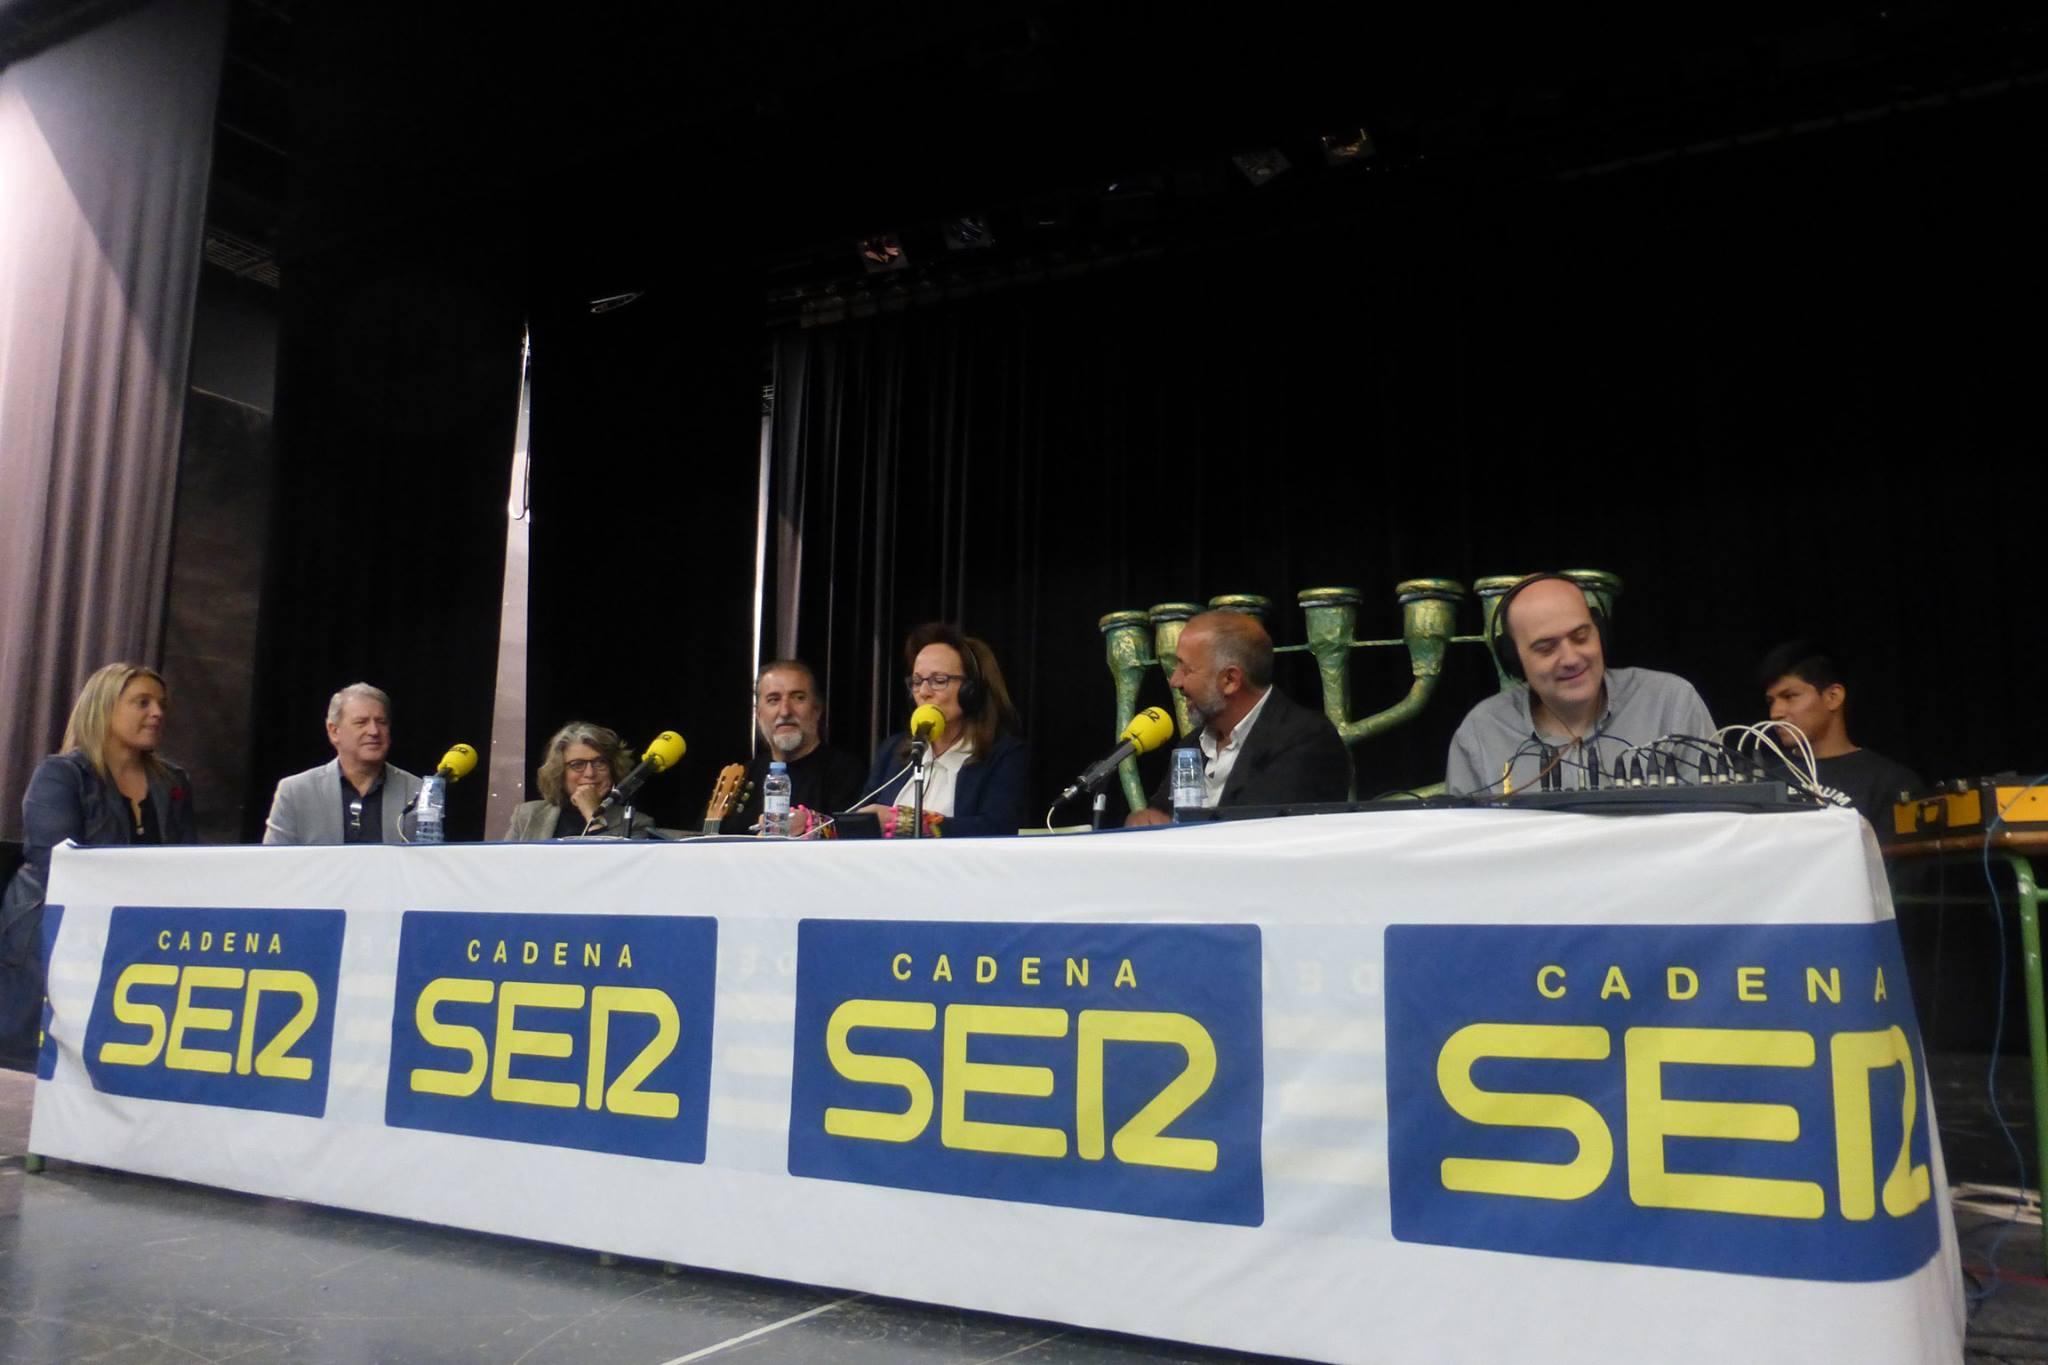 Ser_2